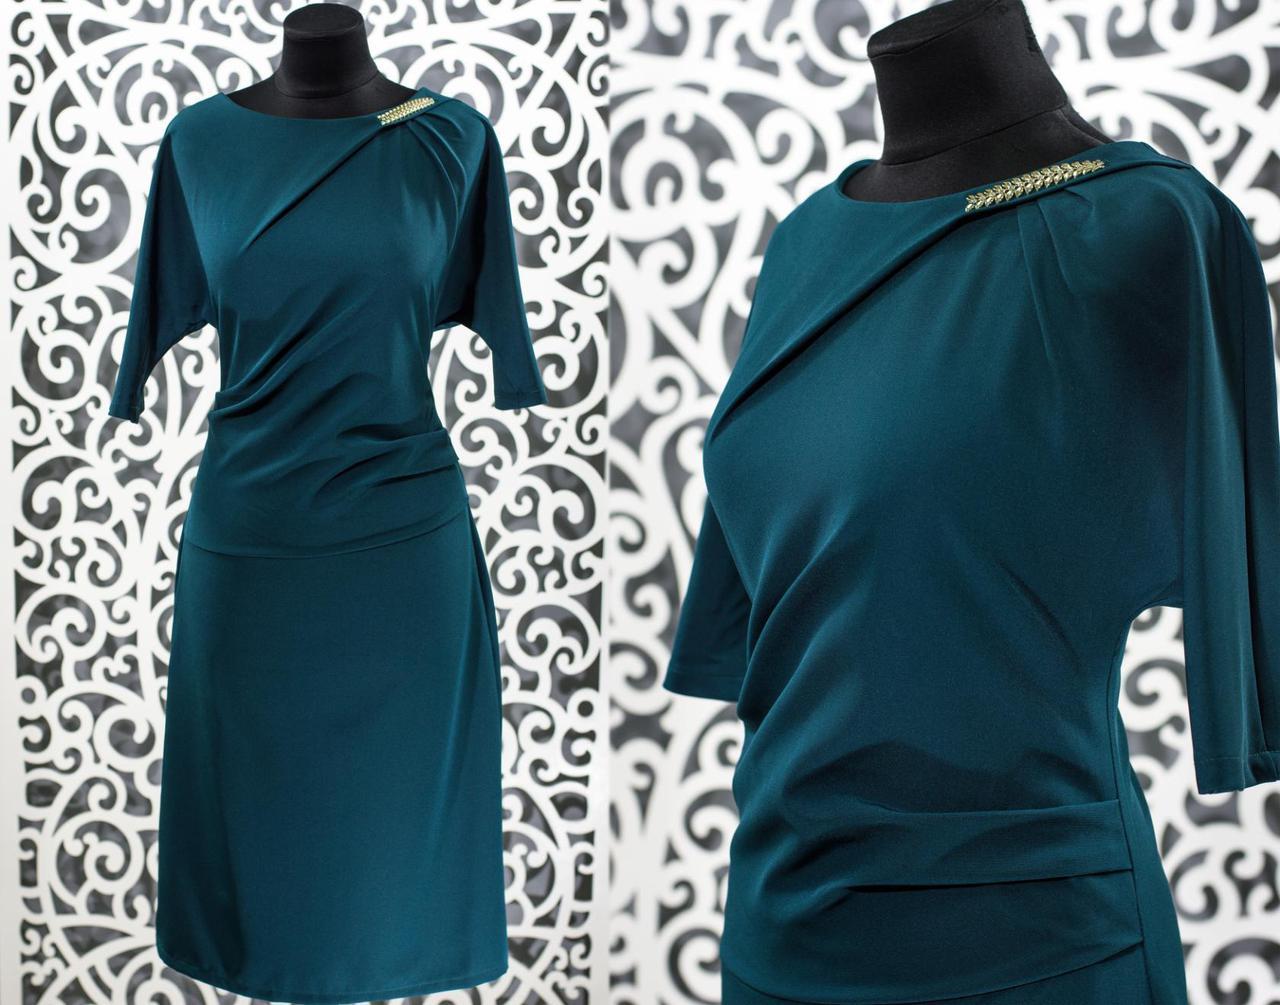 Изысканное женское платье ткань *Костюмная* 48, 50, 52 размер батал